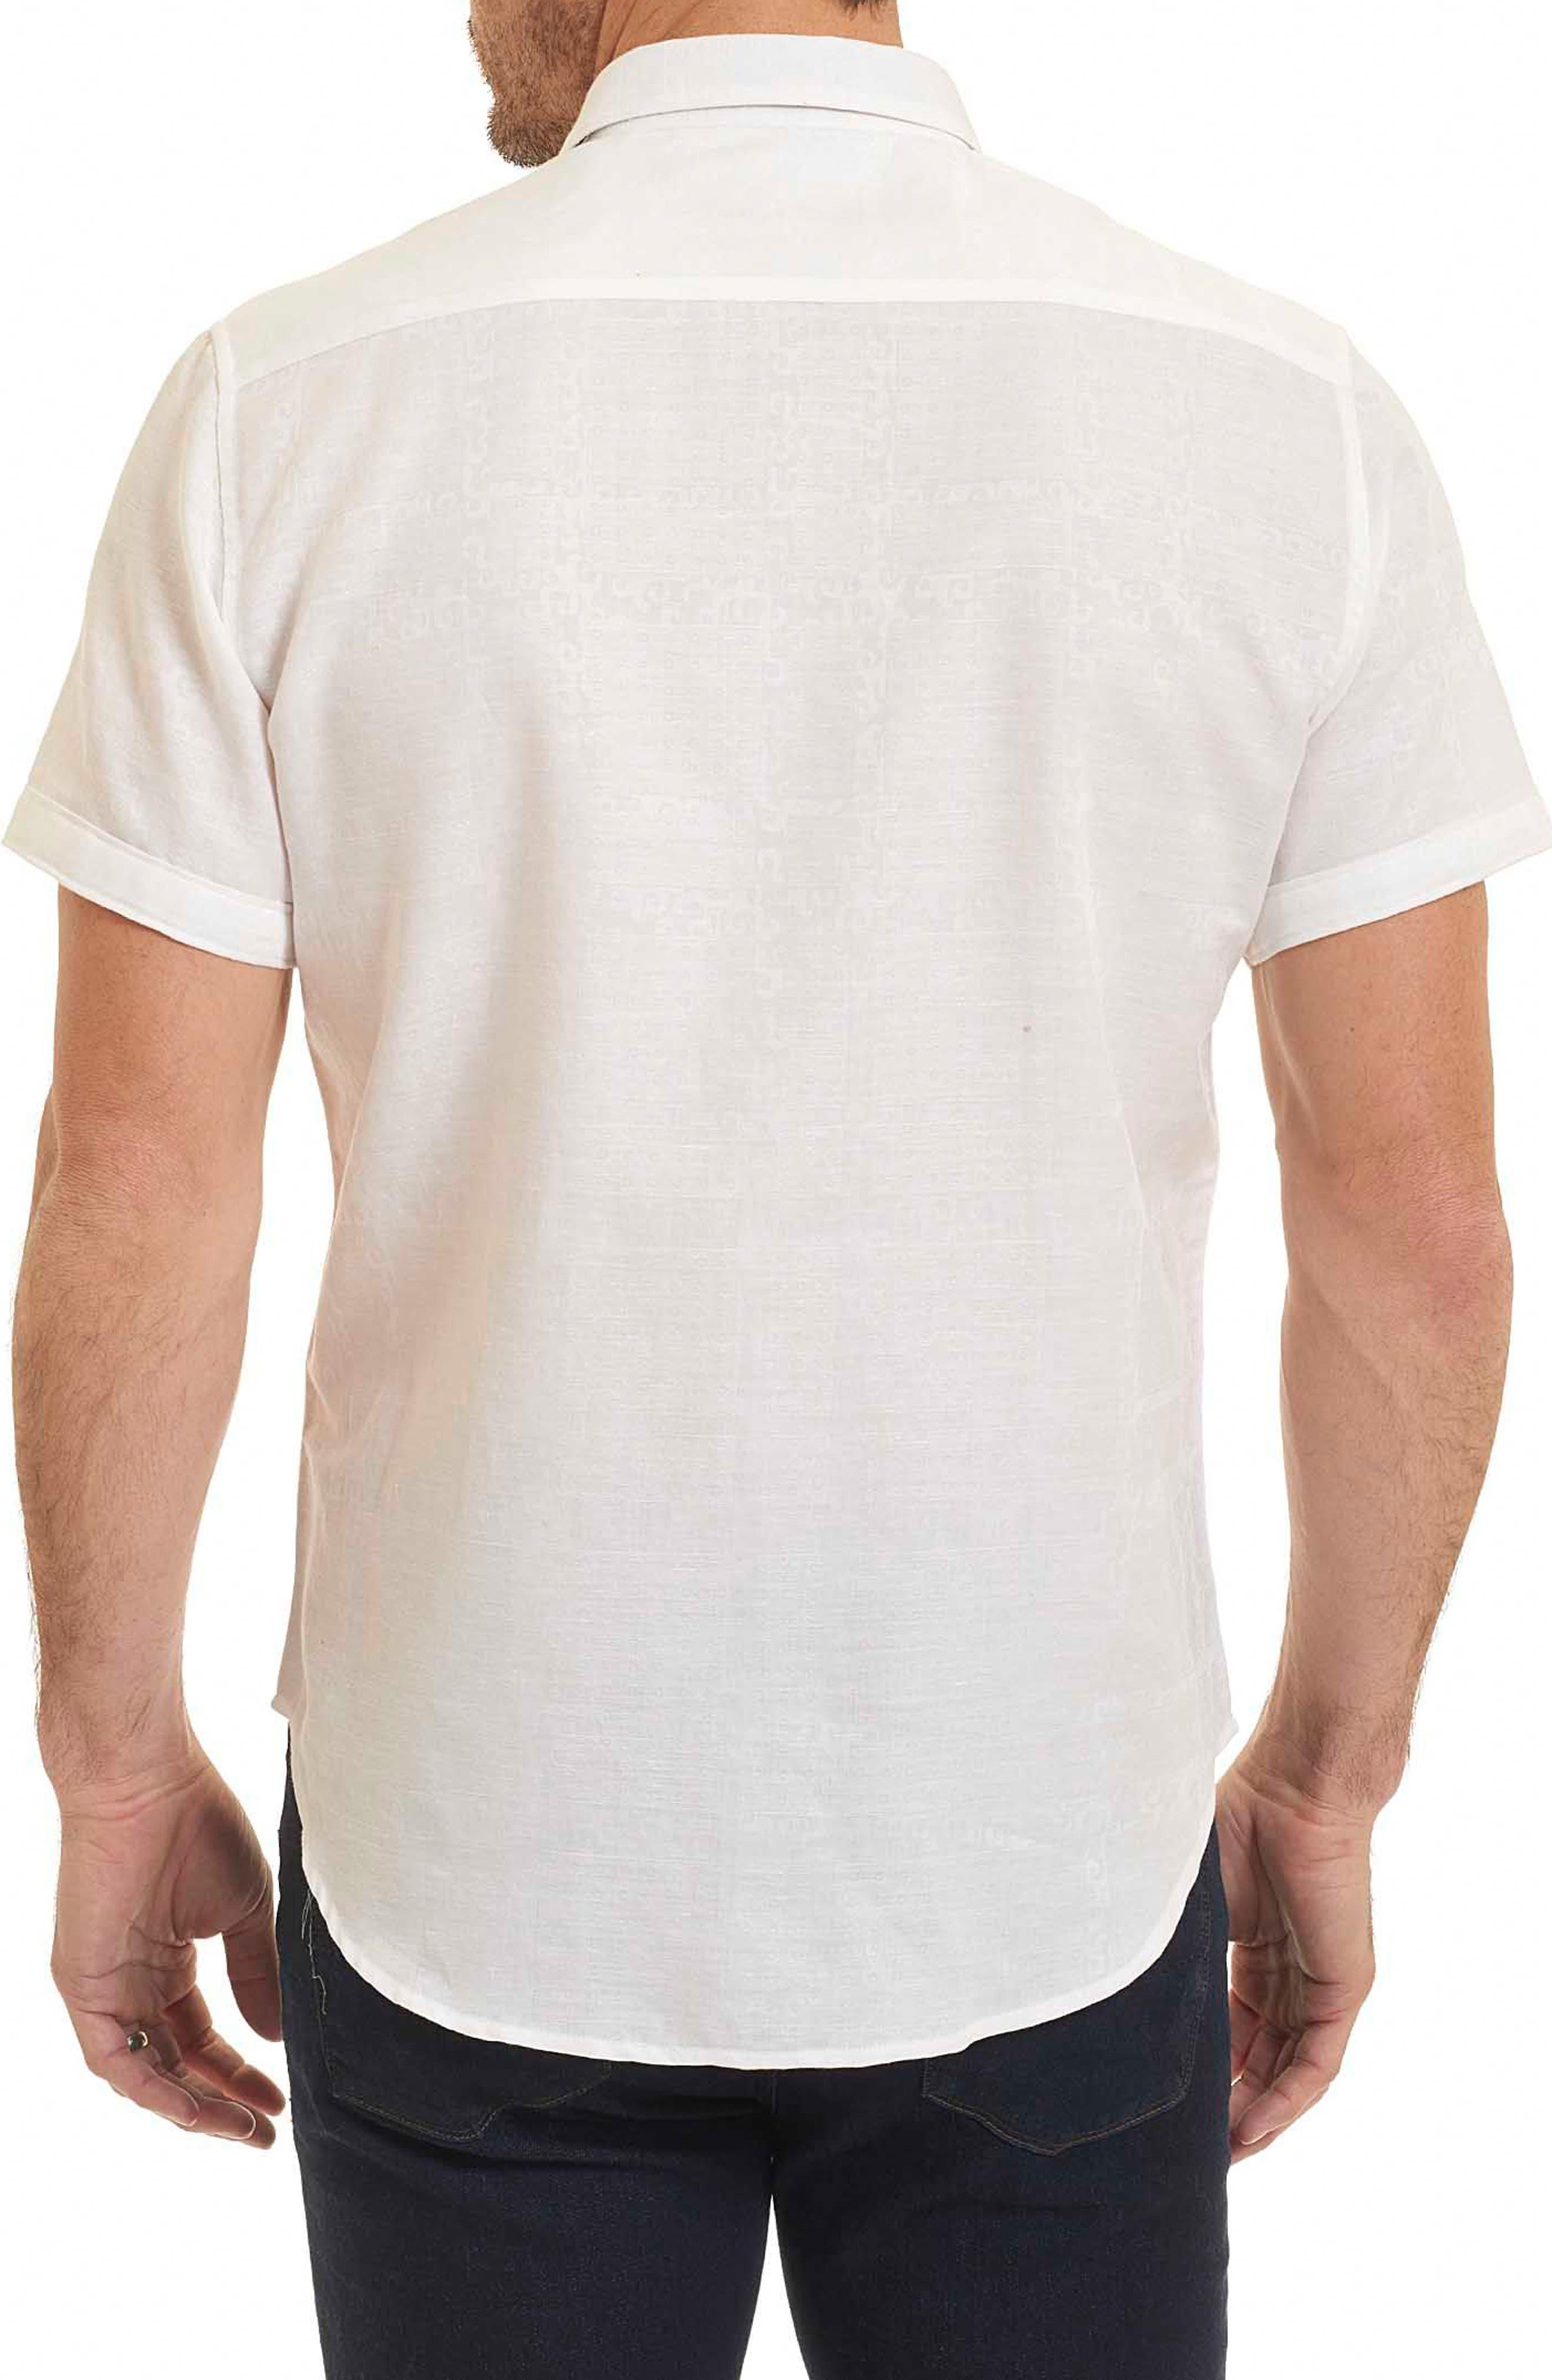 Morley Sport Shirt,                             Alternate thumbnail 2, color,                             100